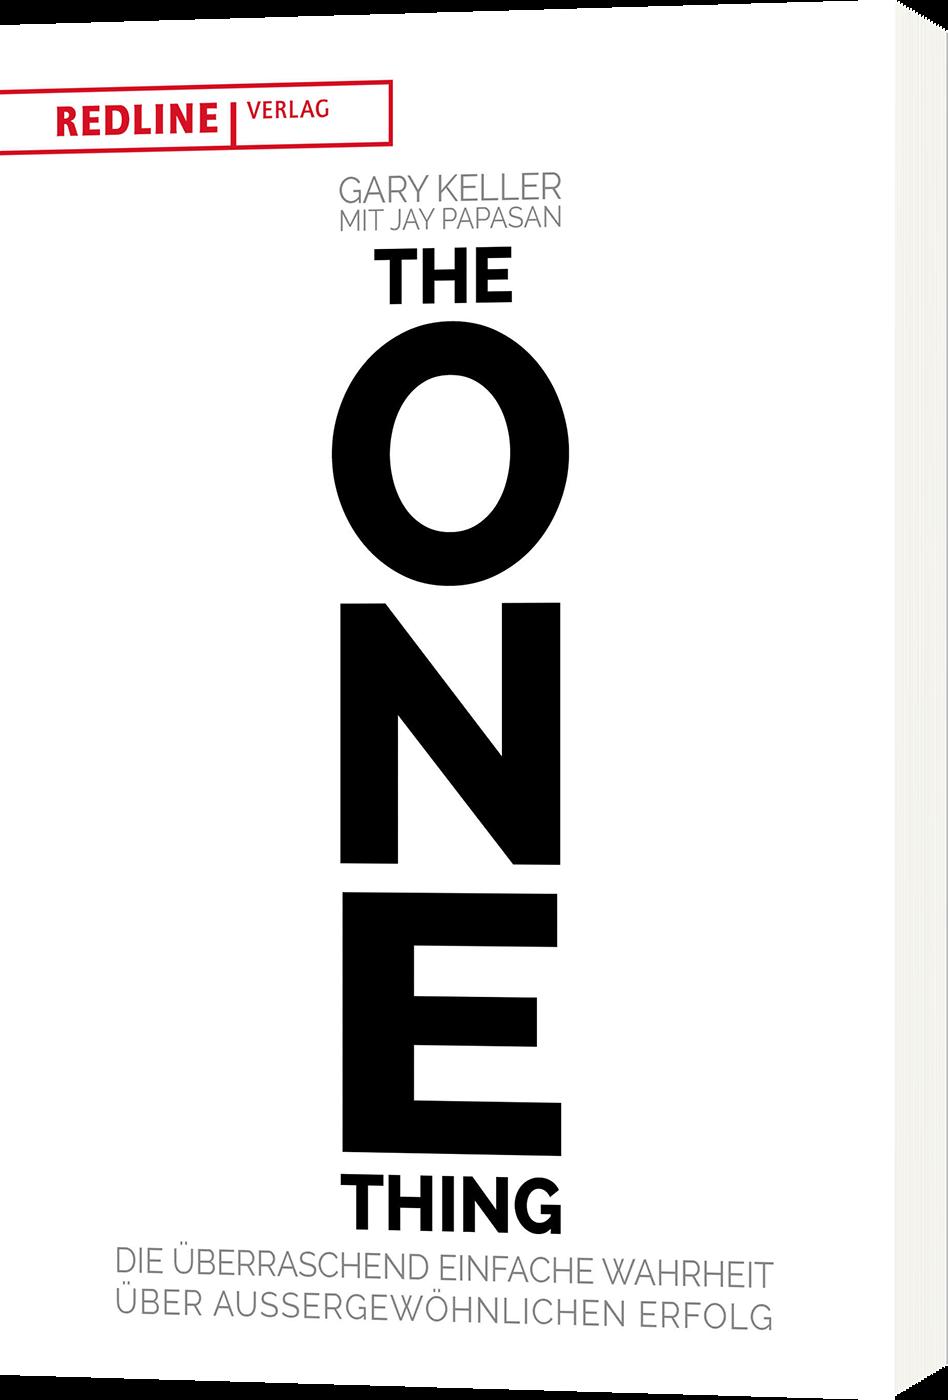 The ONE Thing, Buch von Gary Keller und Jay Papasan, Redline Verlag, Cover